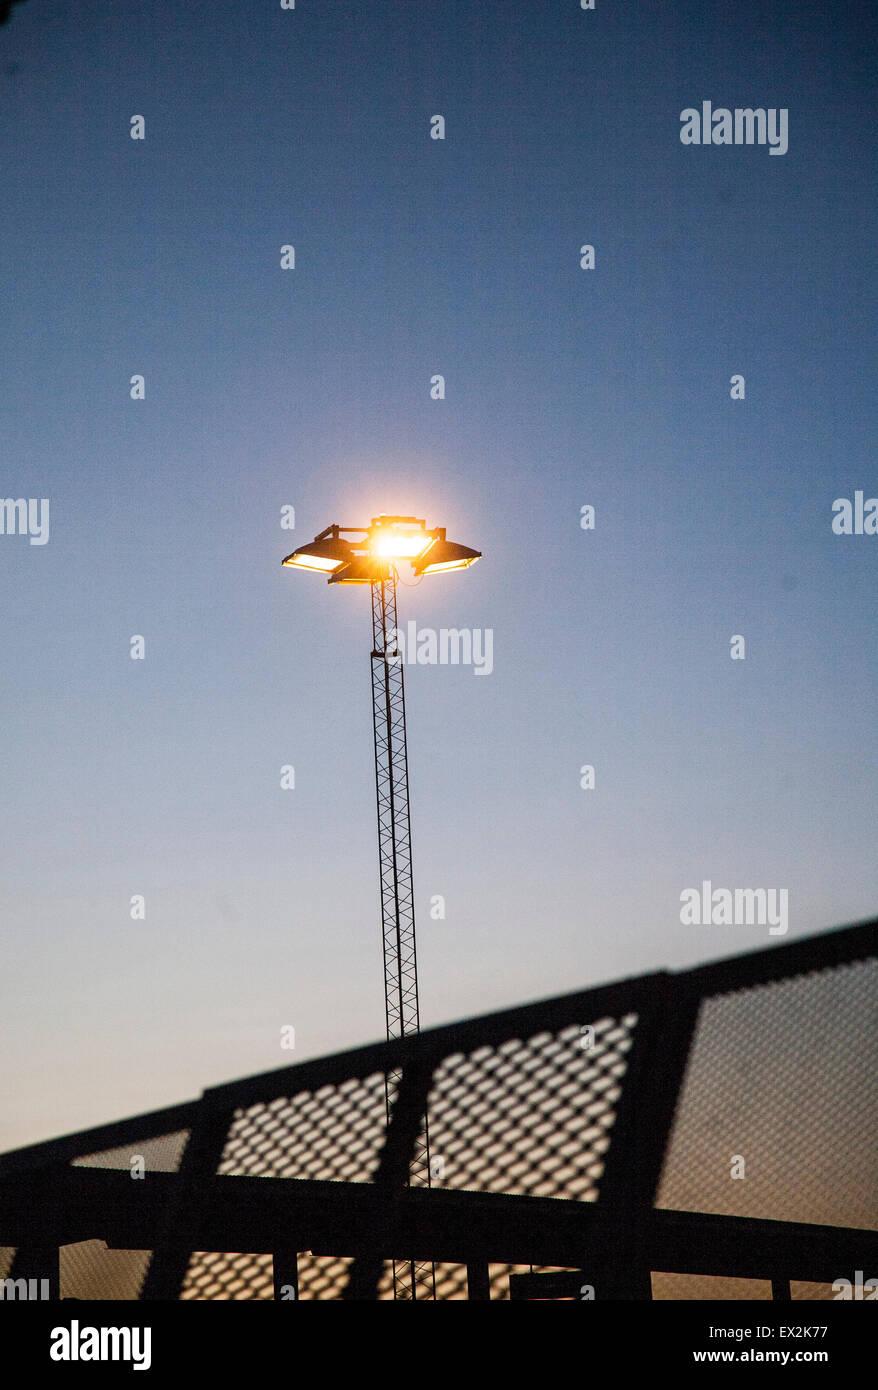 Die Beleuchtung an einem Flughafen Stockbild